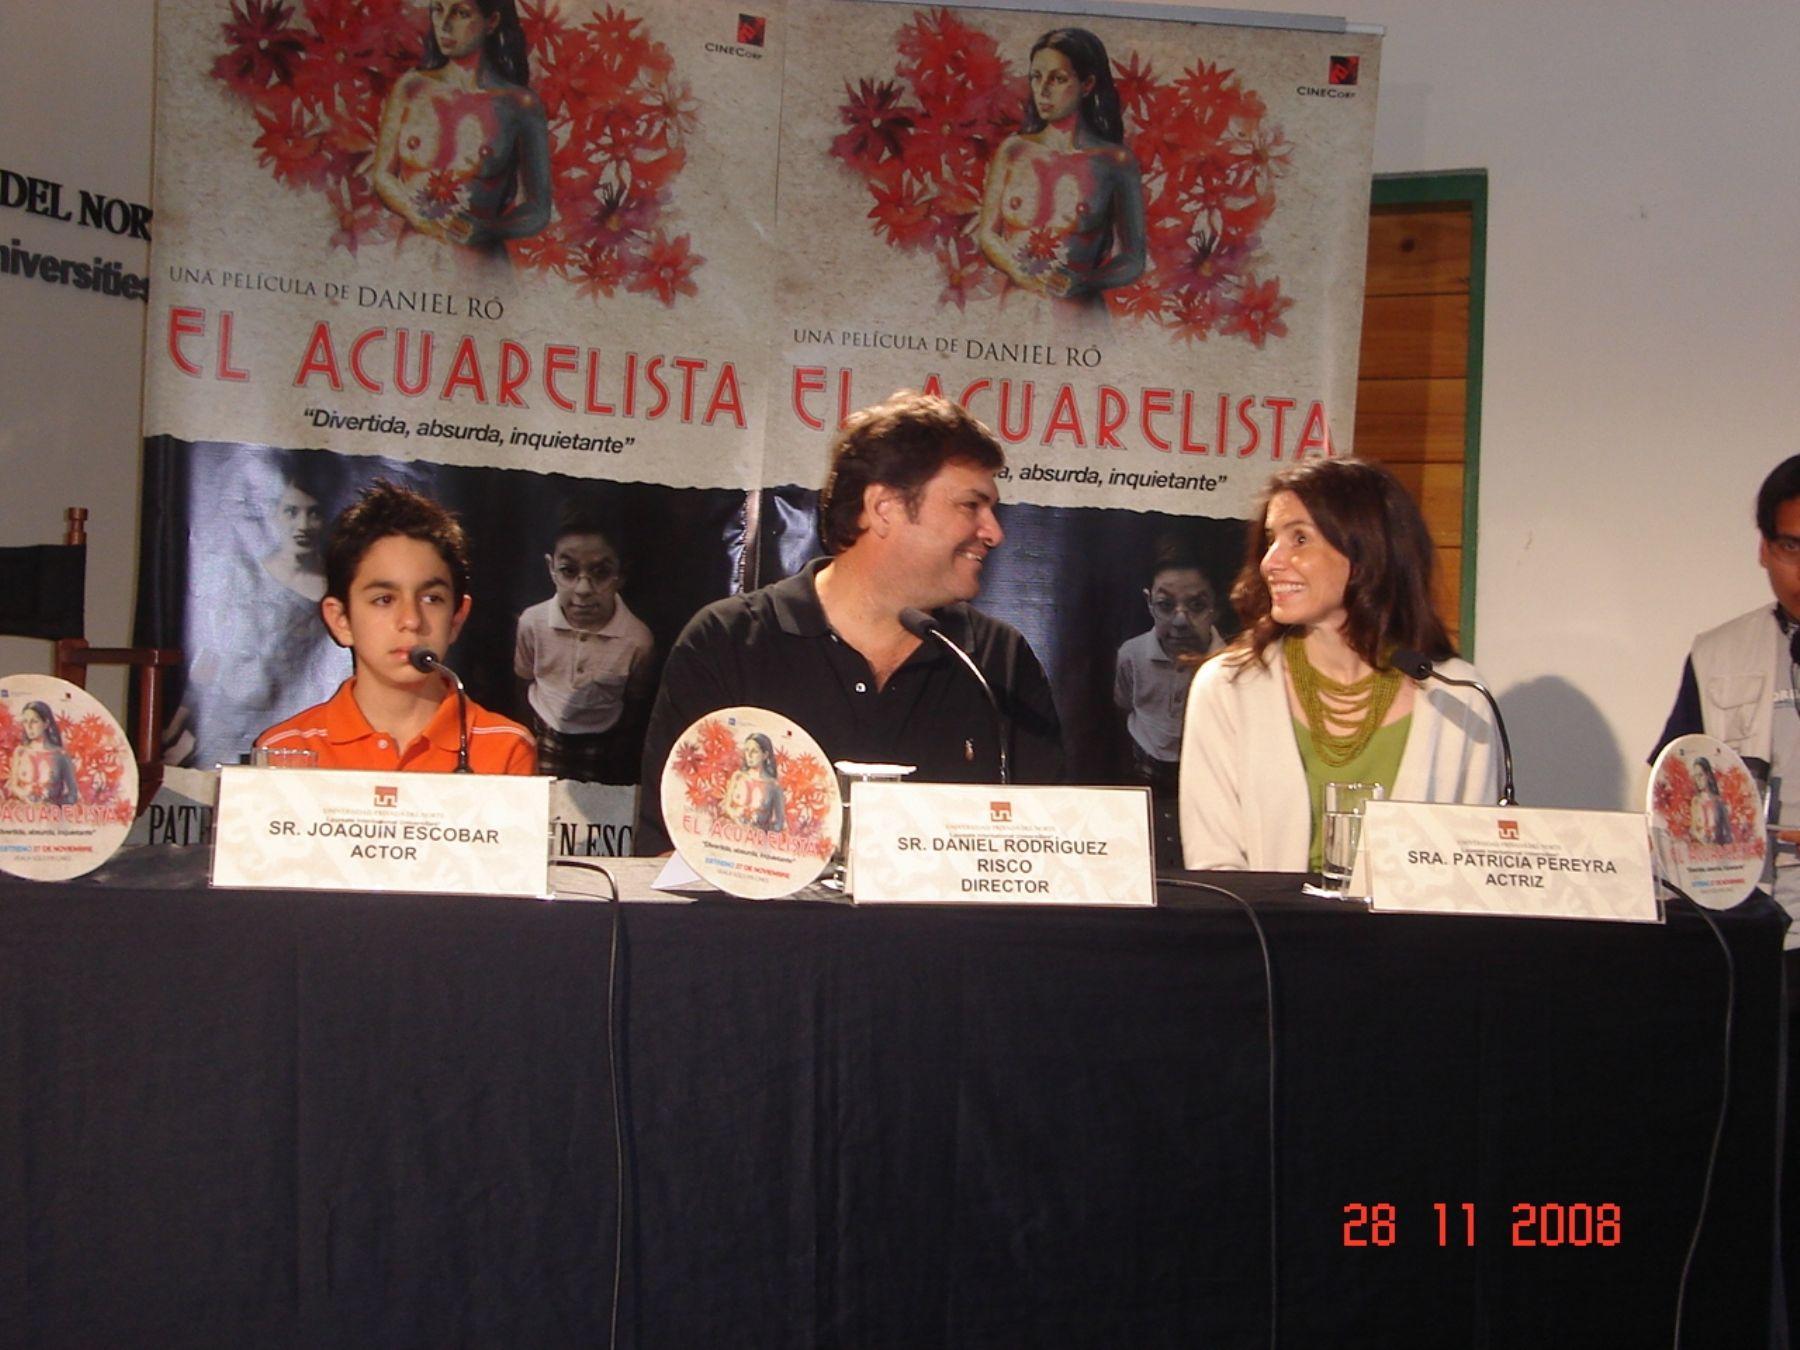 Patricia Pereyra comenta con Daniel Ró el cálido recibimiento en Trujillo.